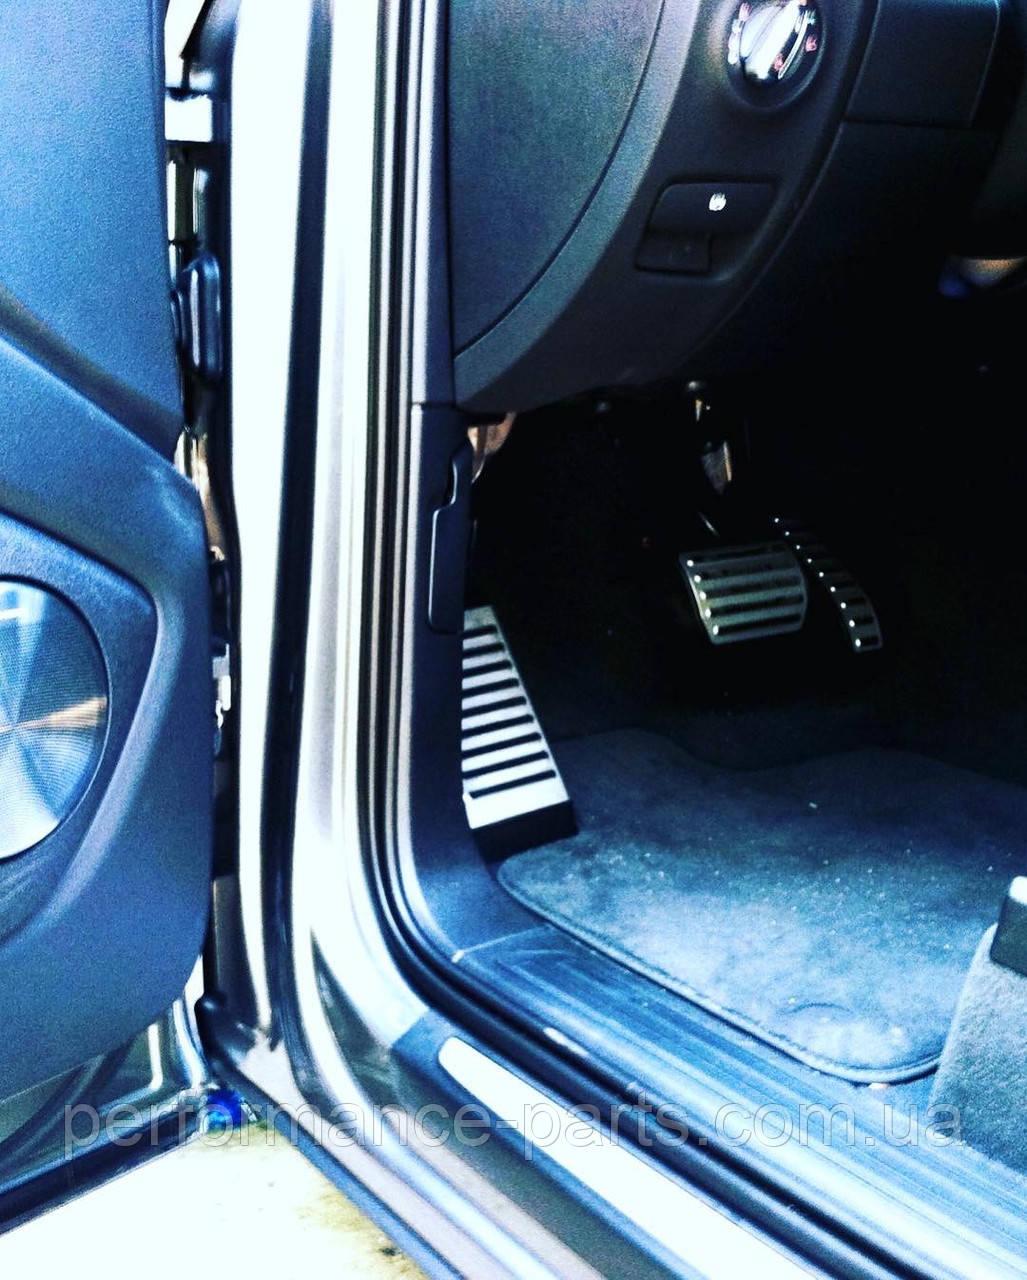 Накладки на педали и площадка левой ноги Audi Q7 4L  4L1064205A